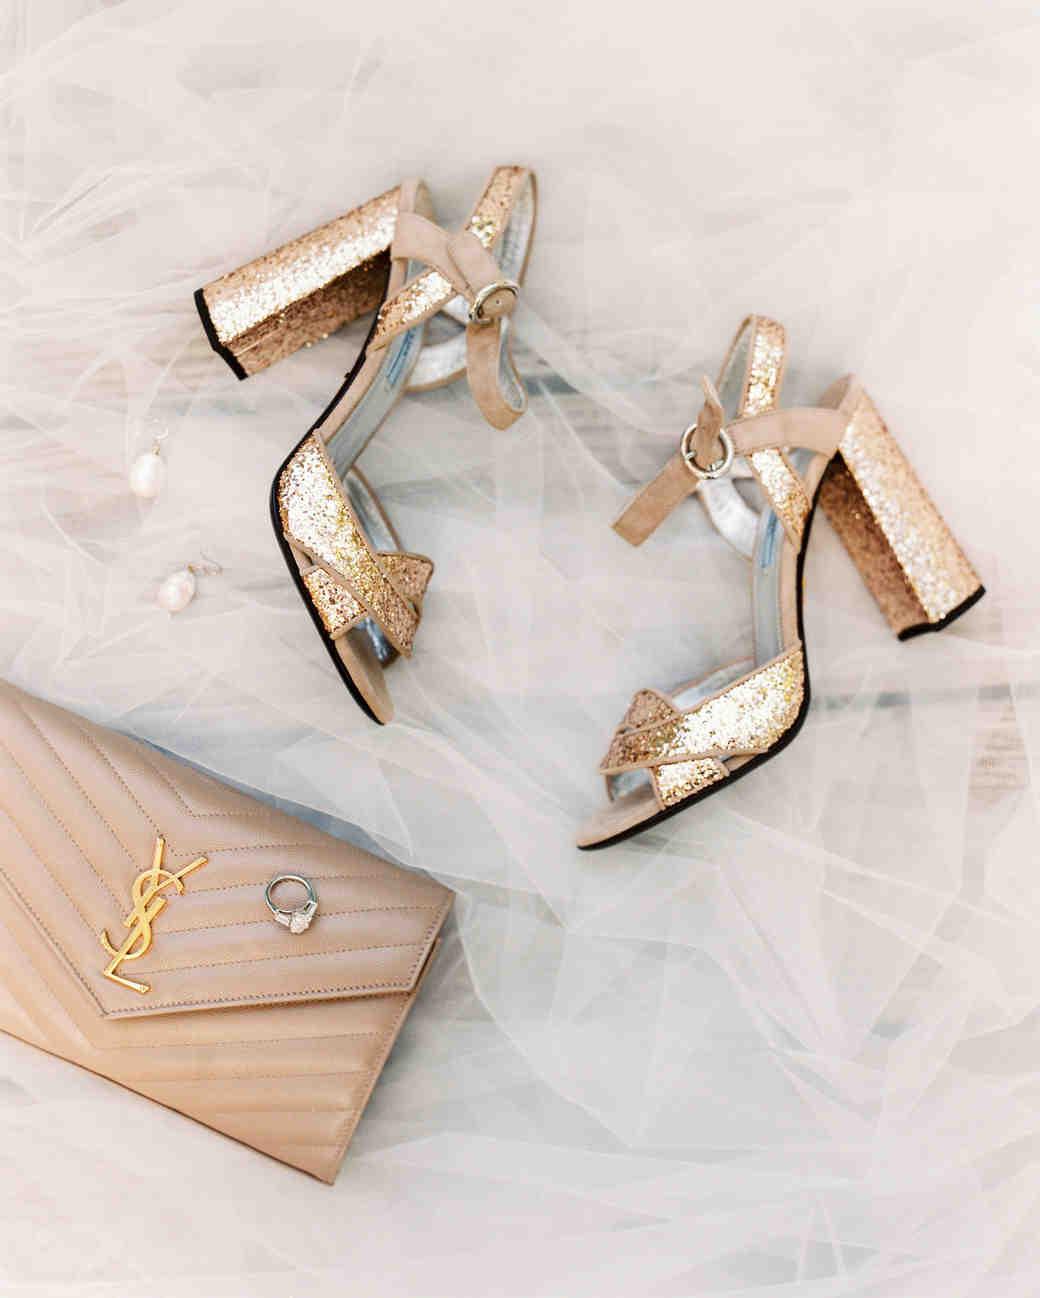 Elizabeth clutch and wedding shoes